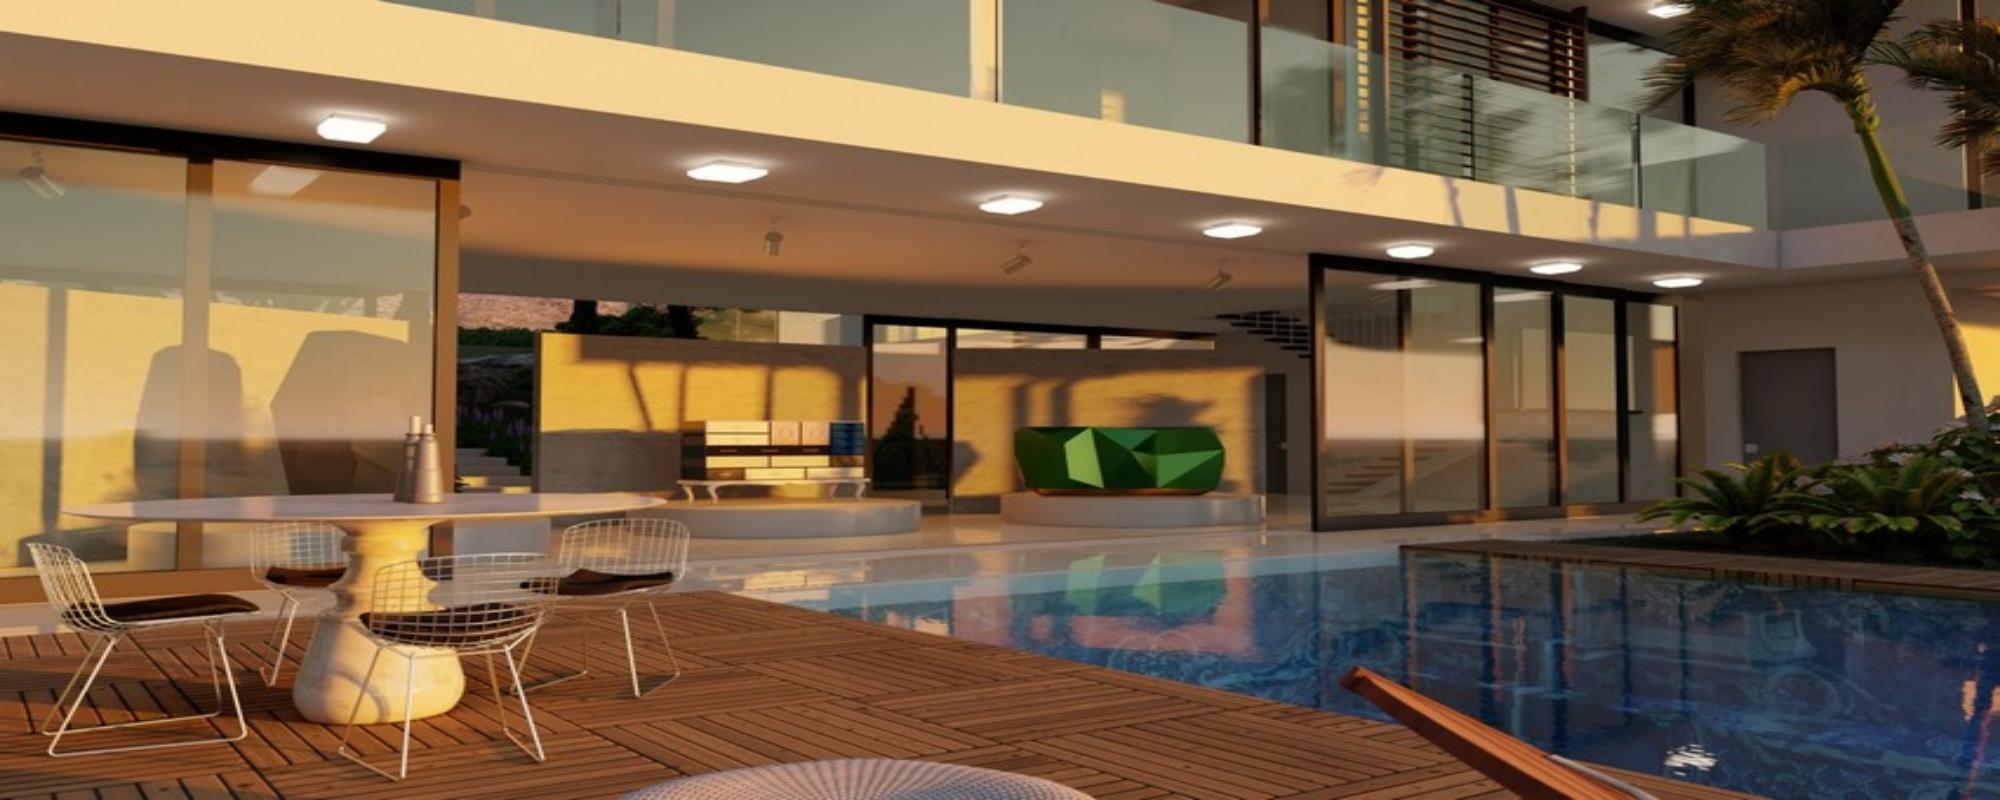 Casa de Lujo: Boca do Lobo presenta una arquitectura de verano exclusiva casa de lujo Casa de Lujo: Boca do Lobo presenta una arquitectura de verano exclusiva Featured 7